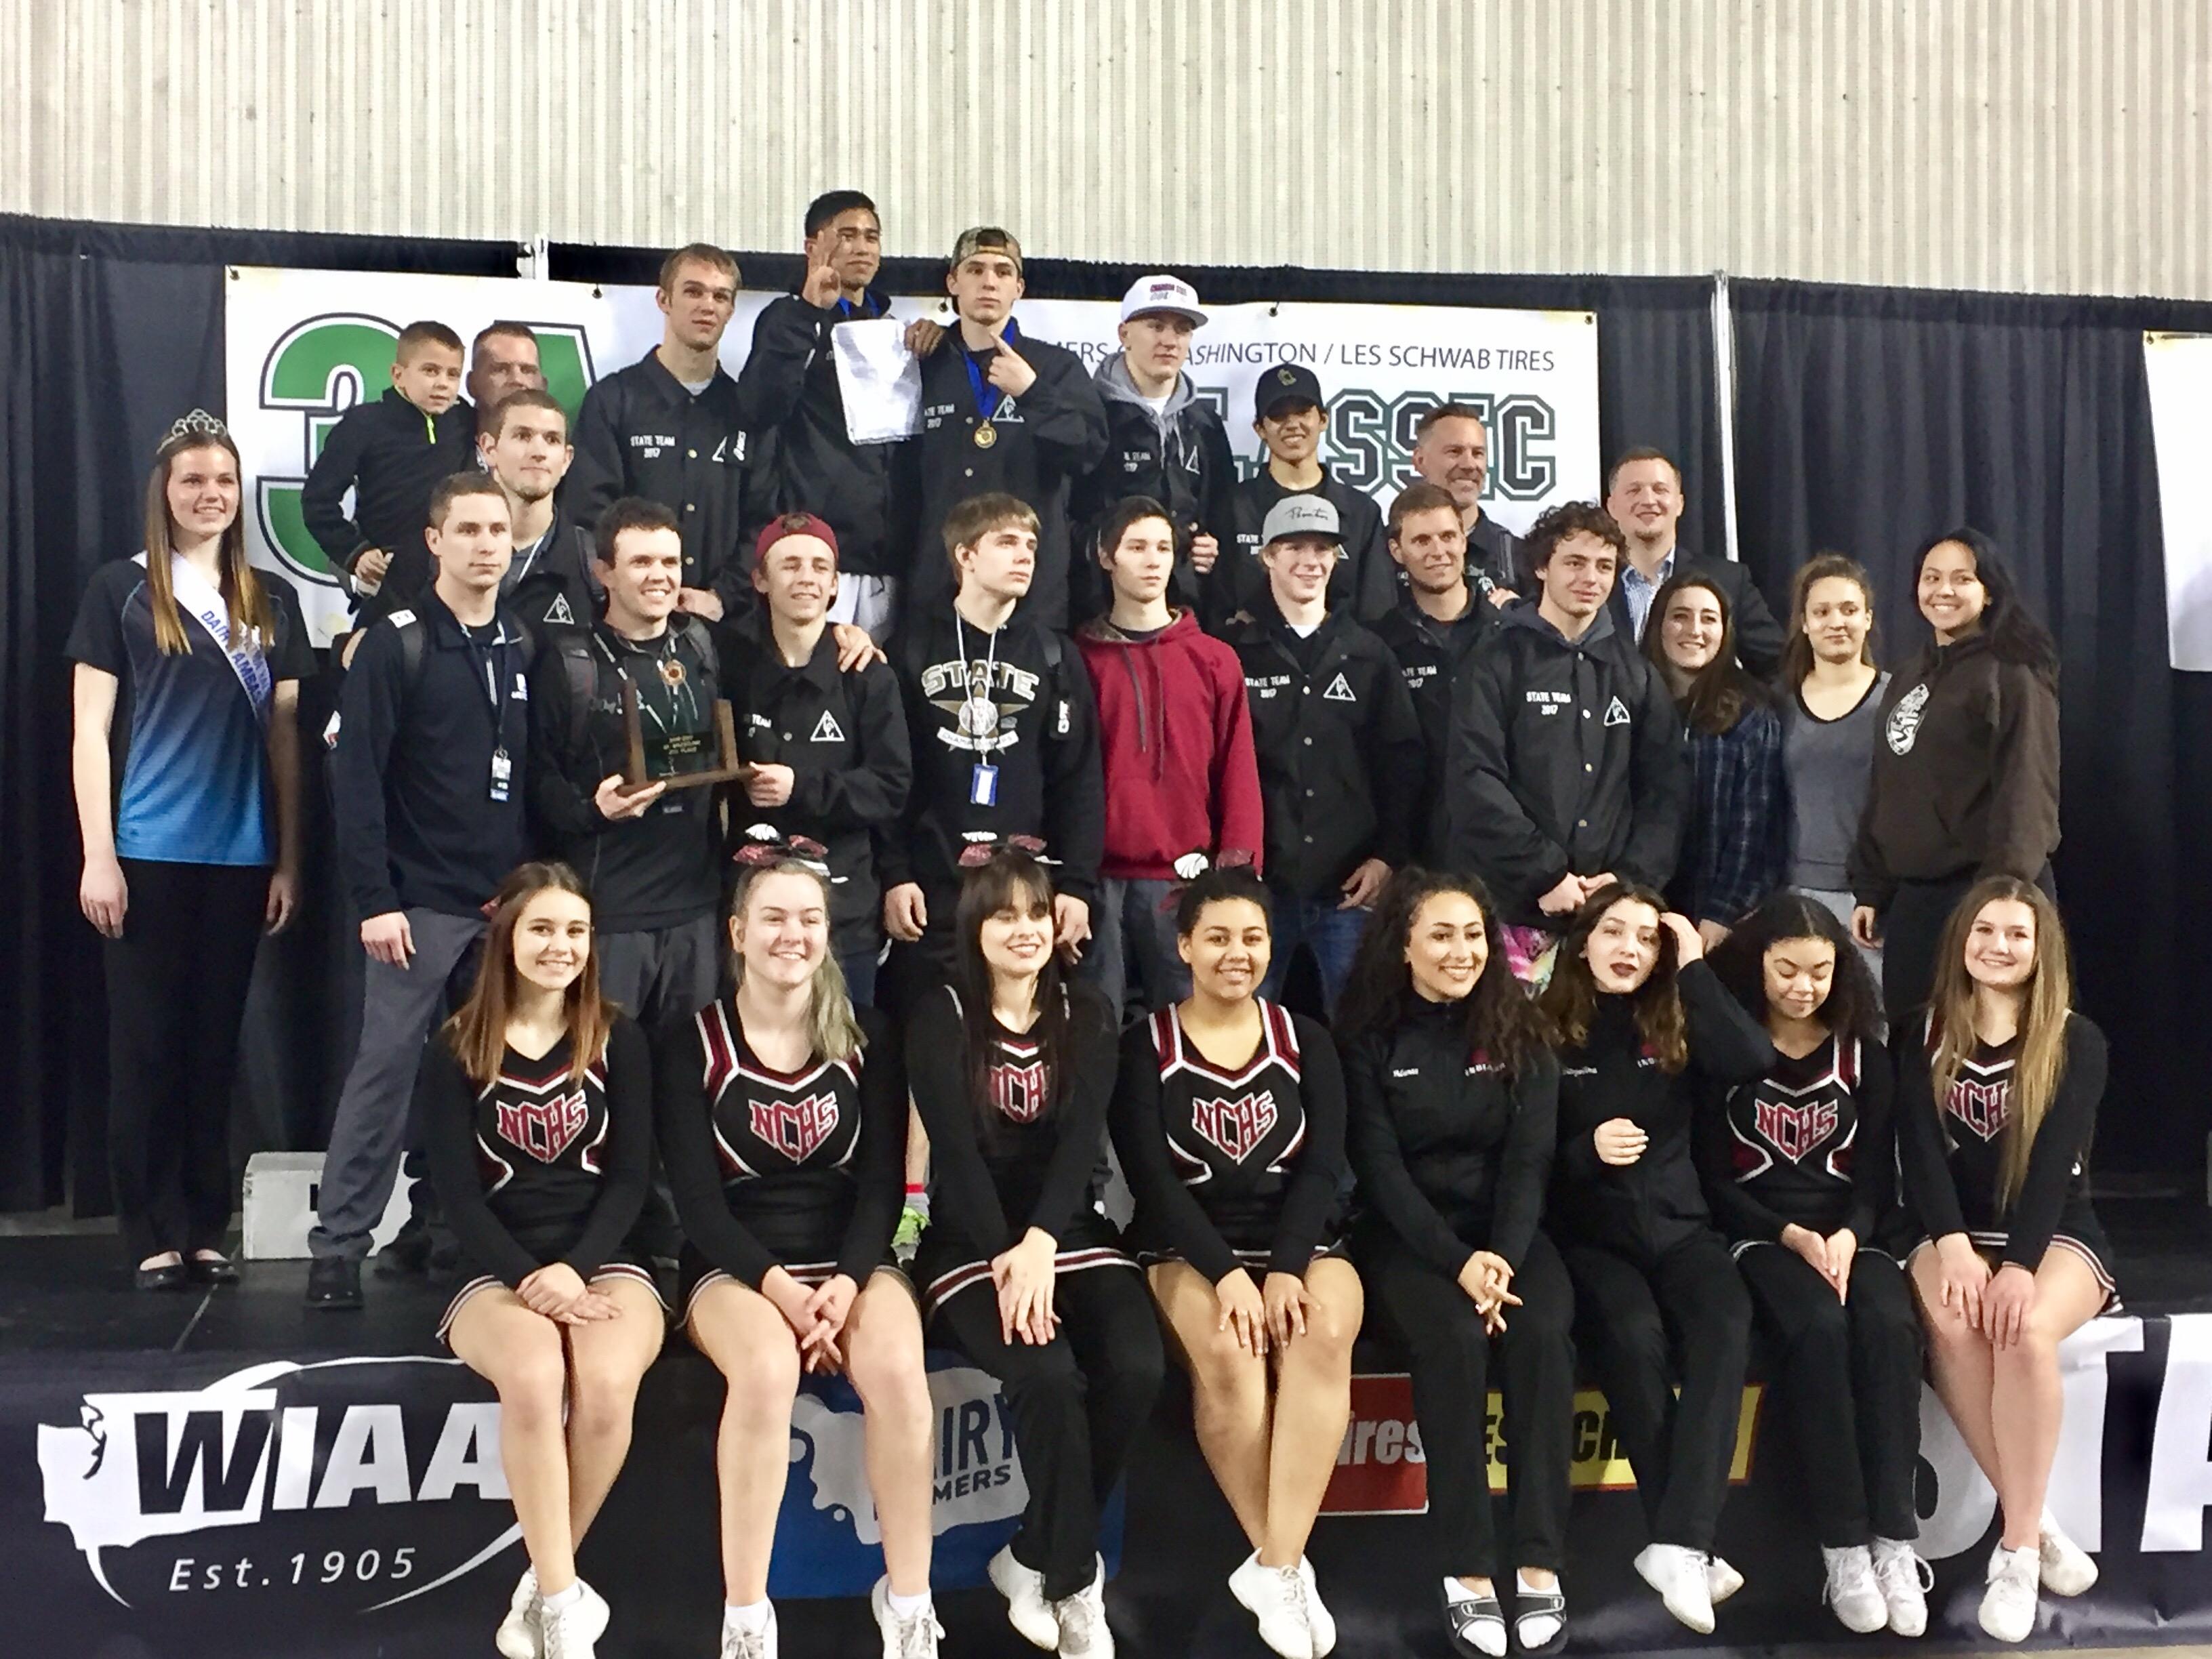 Team 4th Place Podium Pic